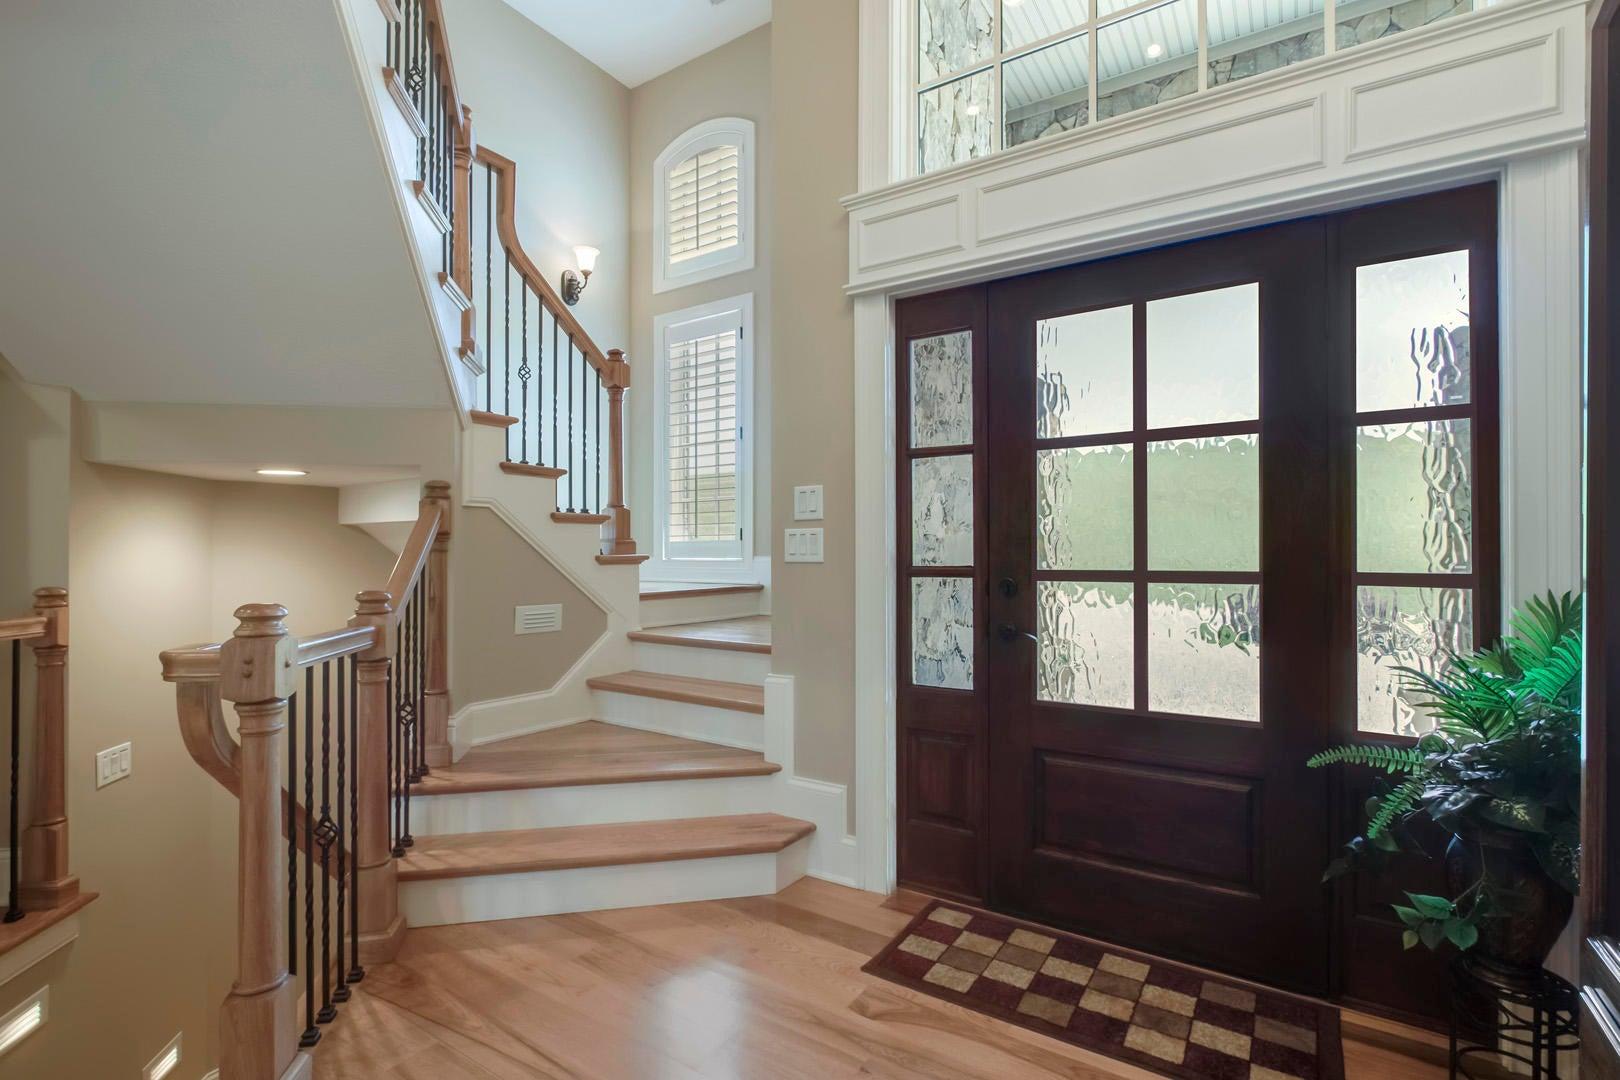 21_TaffrailDrive_972_StairsUp